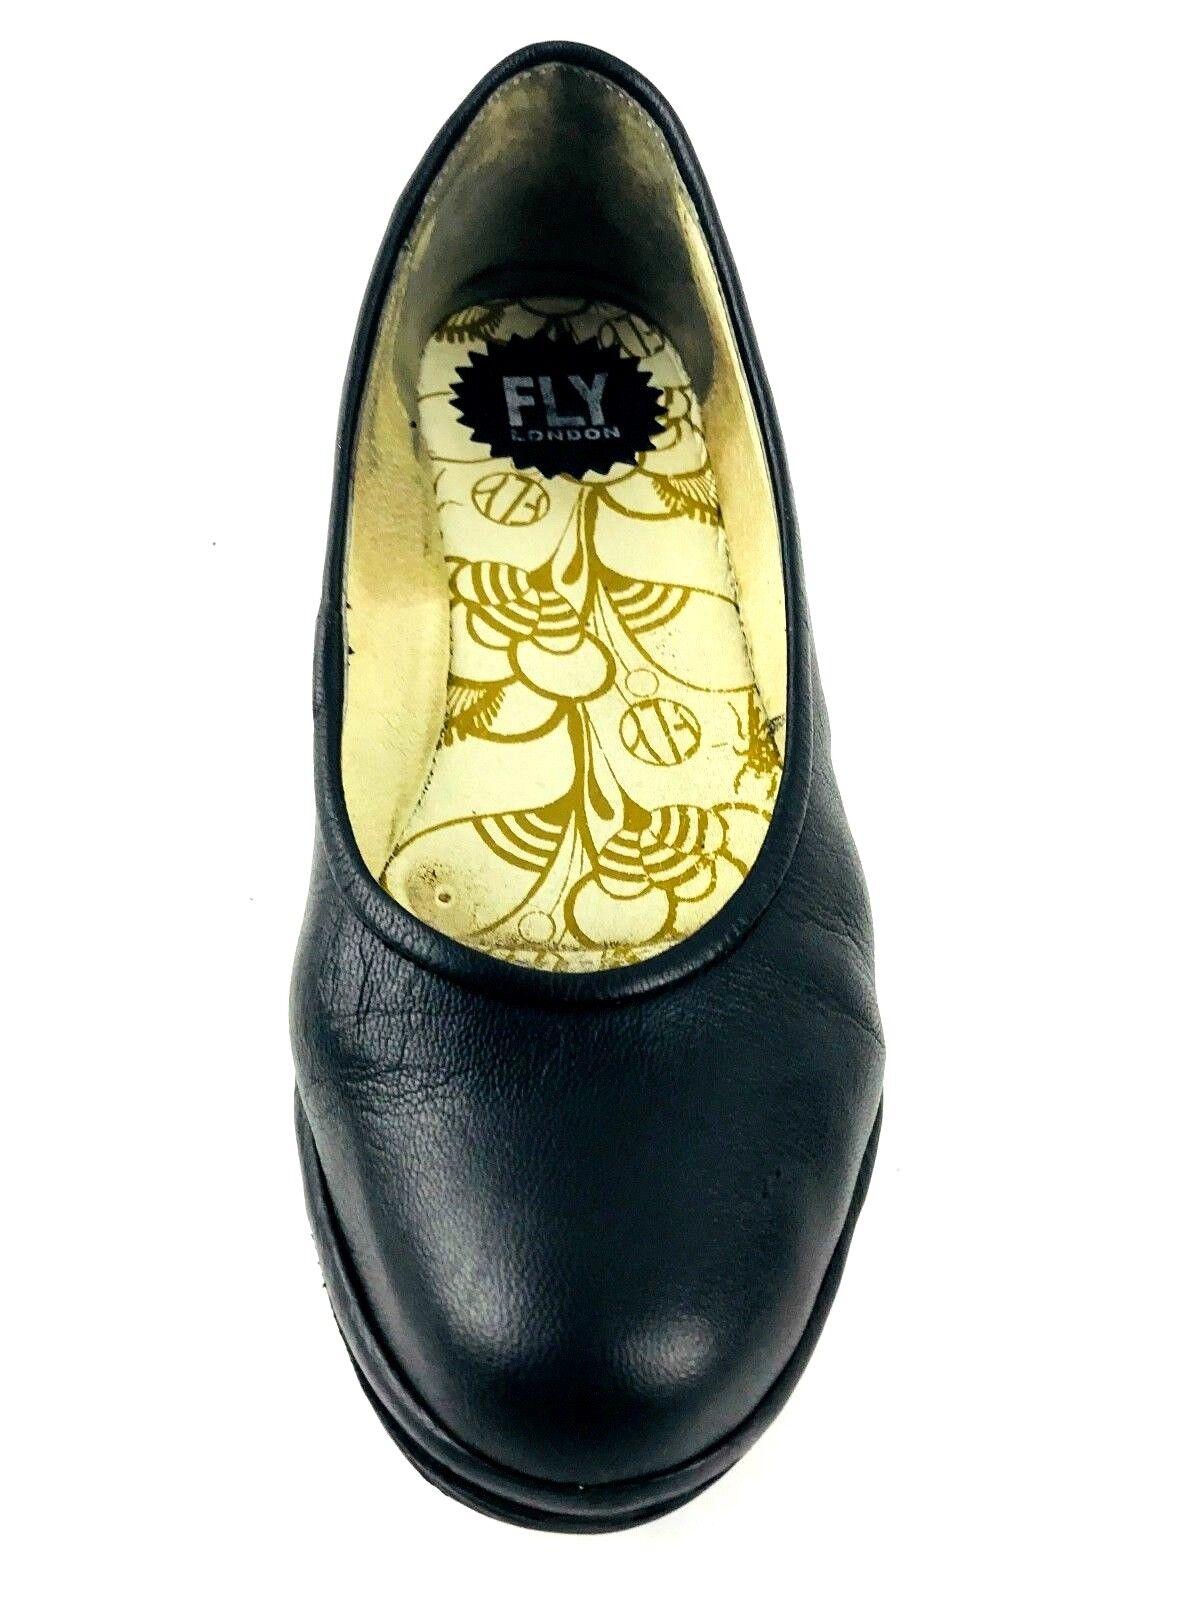 Negros Fly Mujer Zapatos De Con Plataforma London Para Tacón b9WDH2IYeE